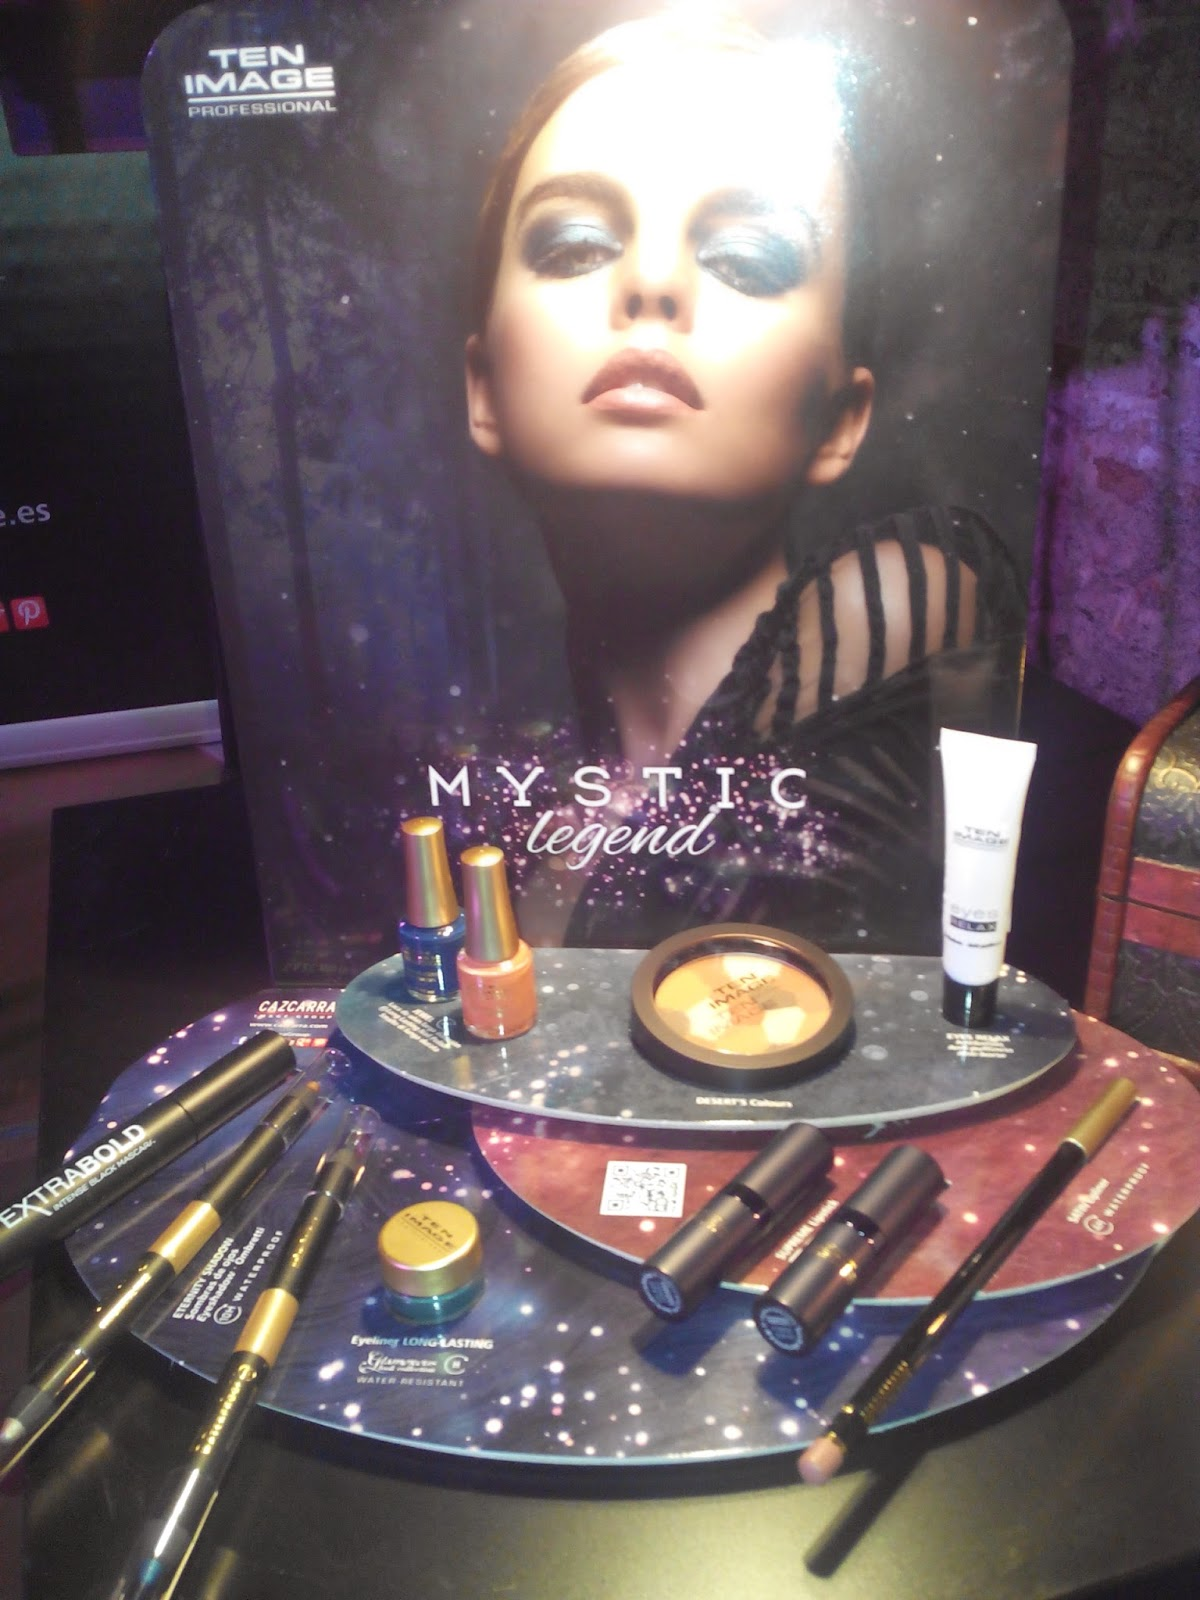 Ten Image Cazcarra Group presenta Mystic Legend, una colección de maquillaje para soñar este otoño invierno. - Blog de Belleza Cosmetica que Si Funciona